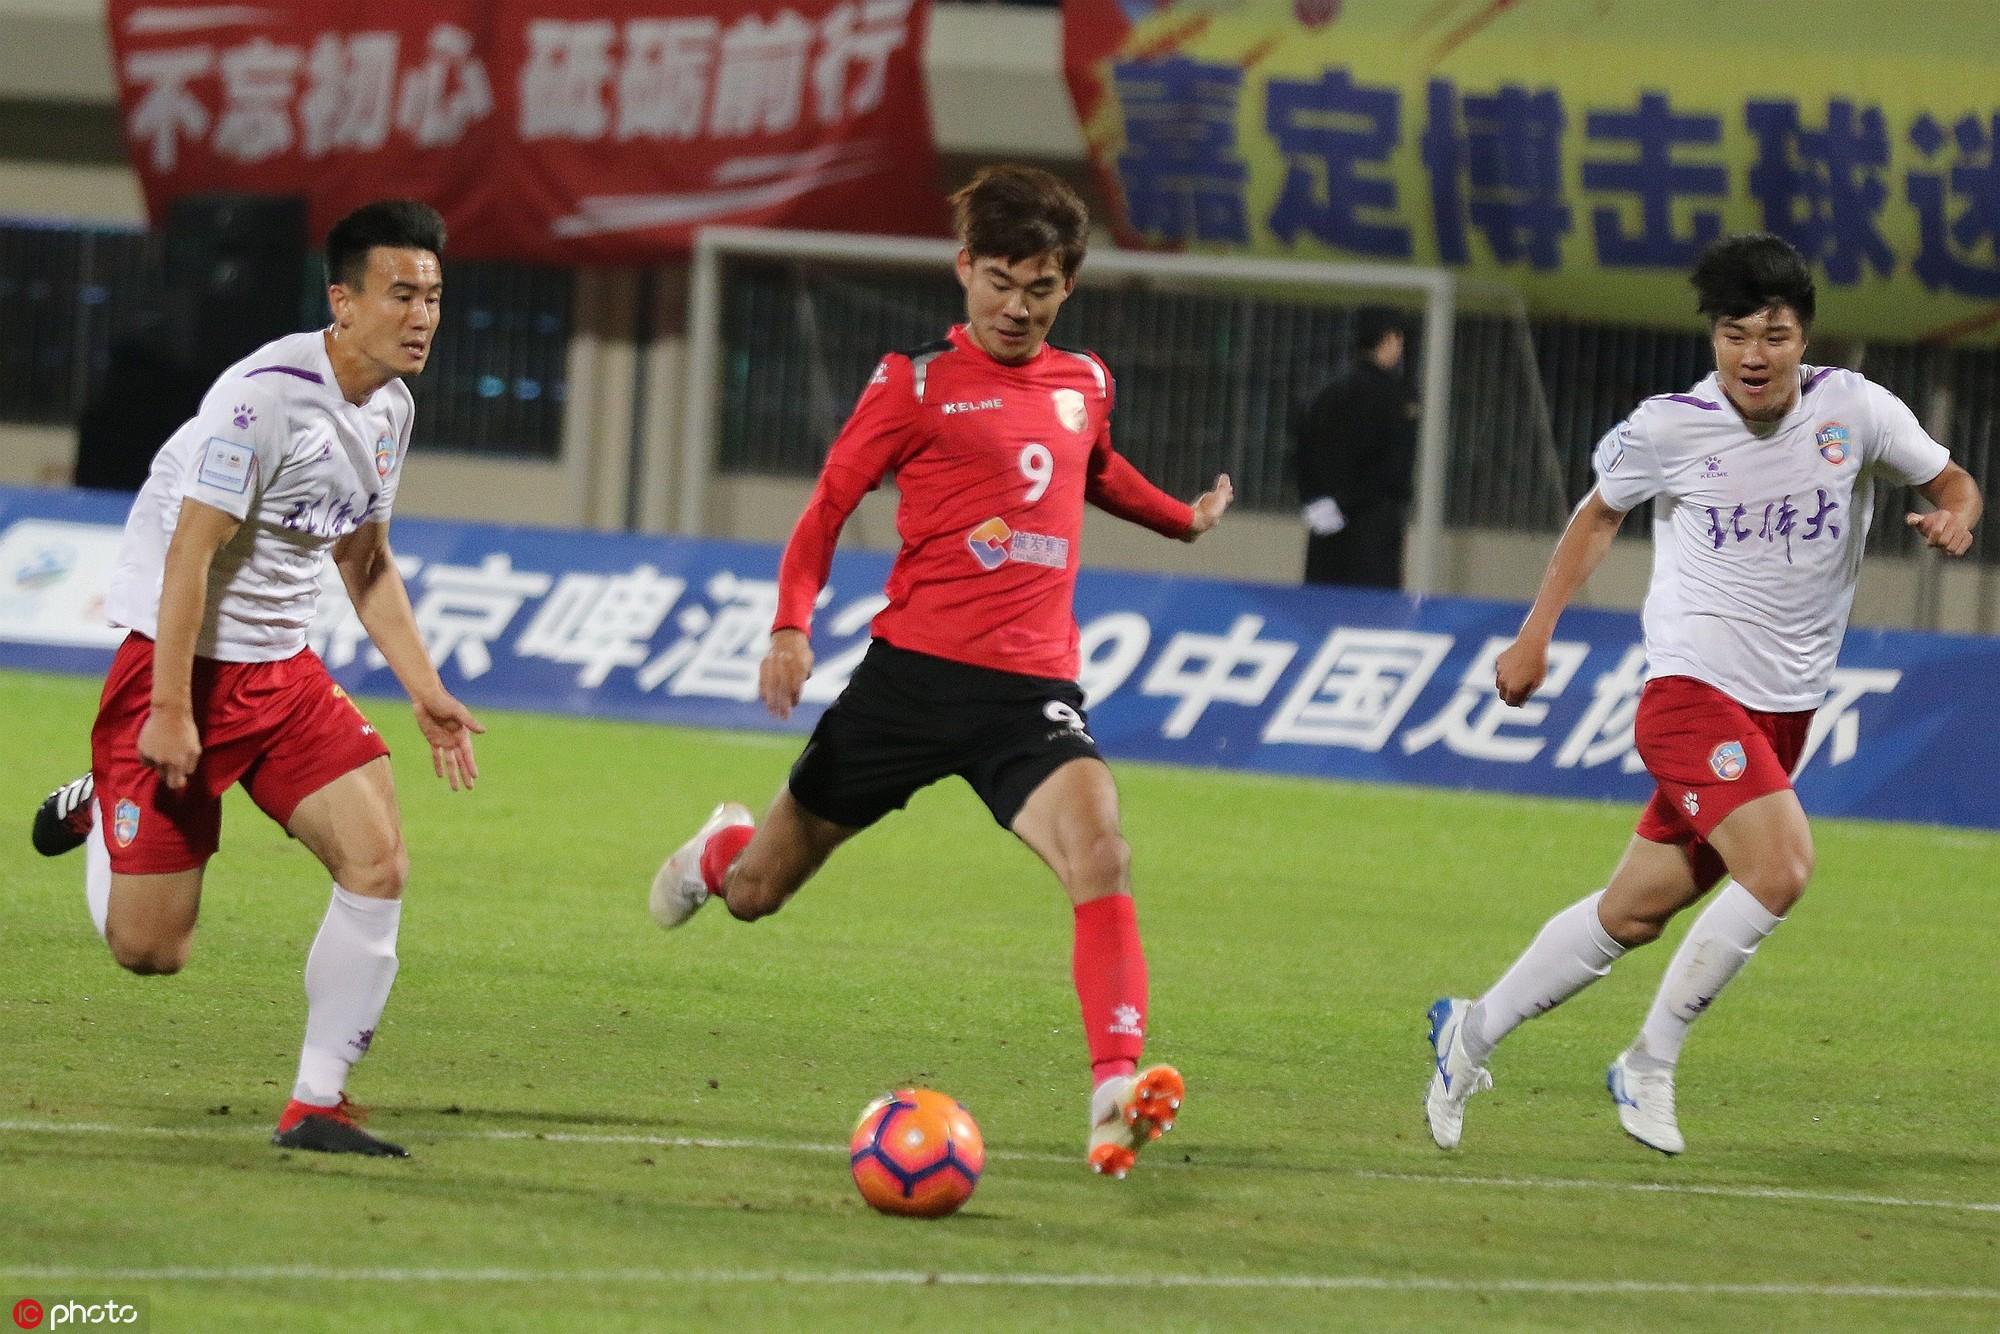 足协杯:李铖一球制胜,业余队嘉定城发1-0裁汰北体大